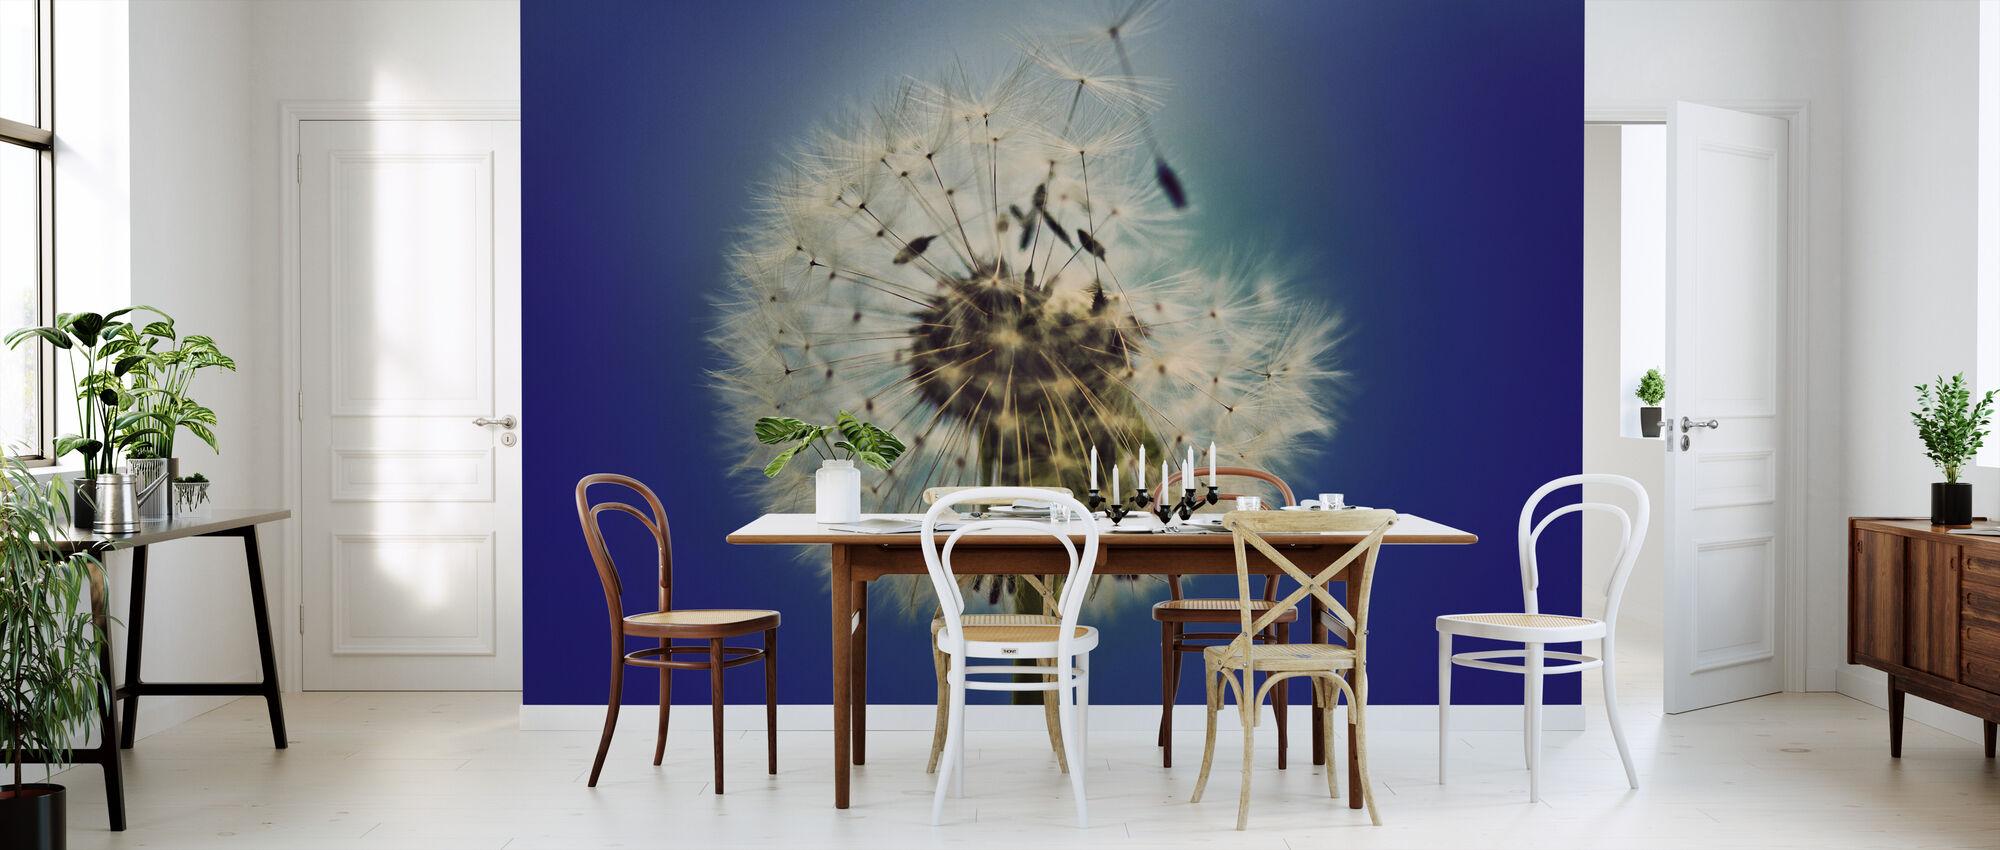 Dandelion on Blue Background - Wallpaper - Kitchen